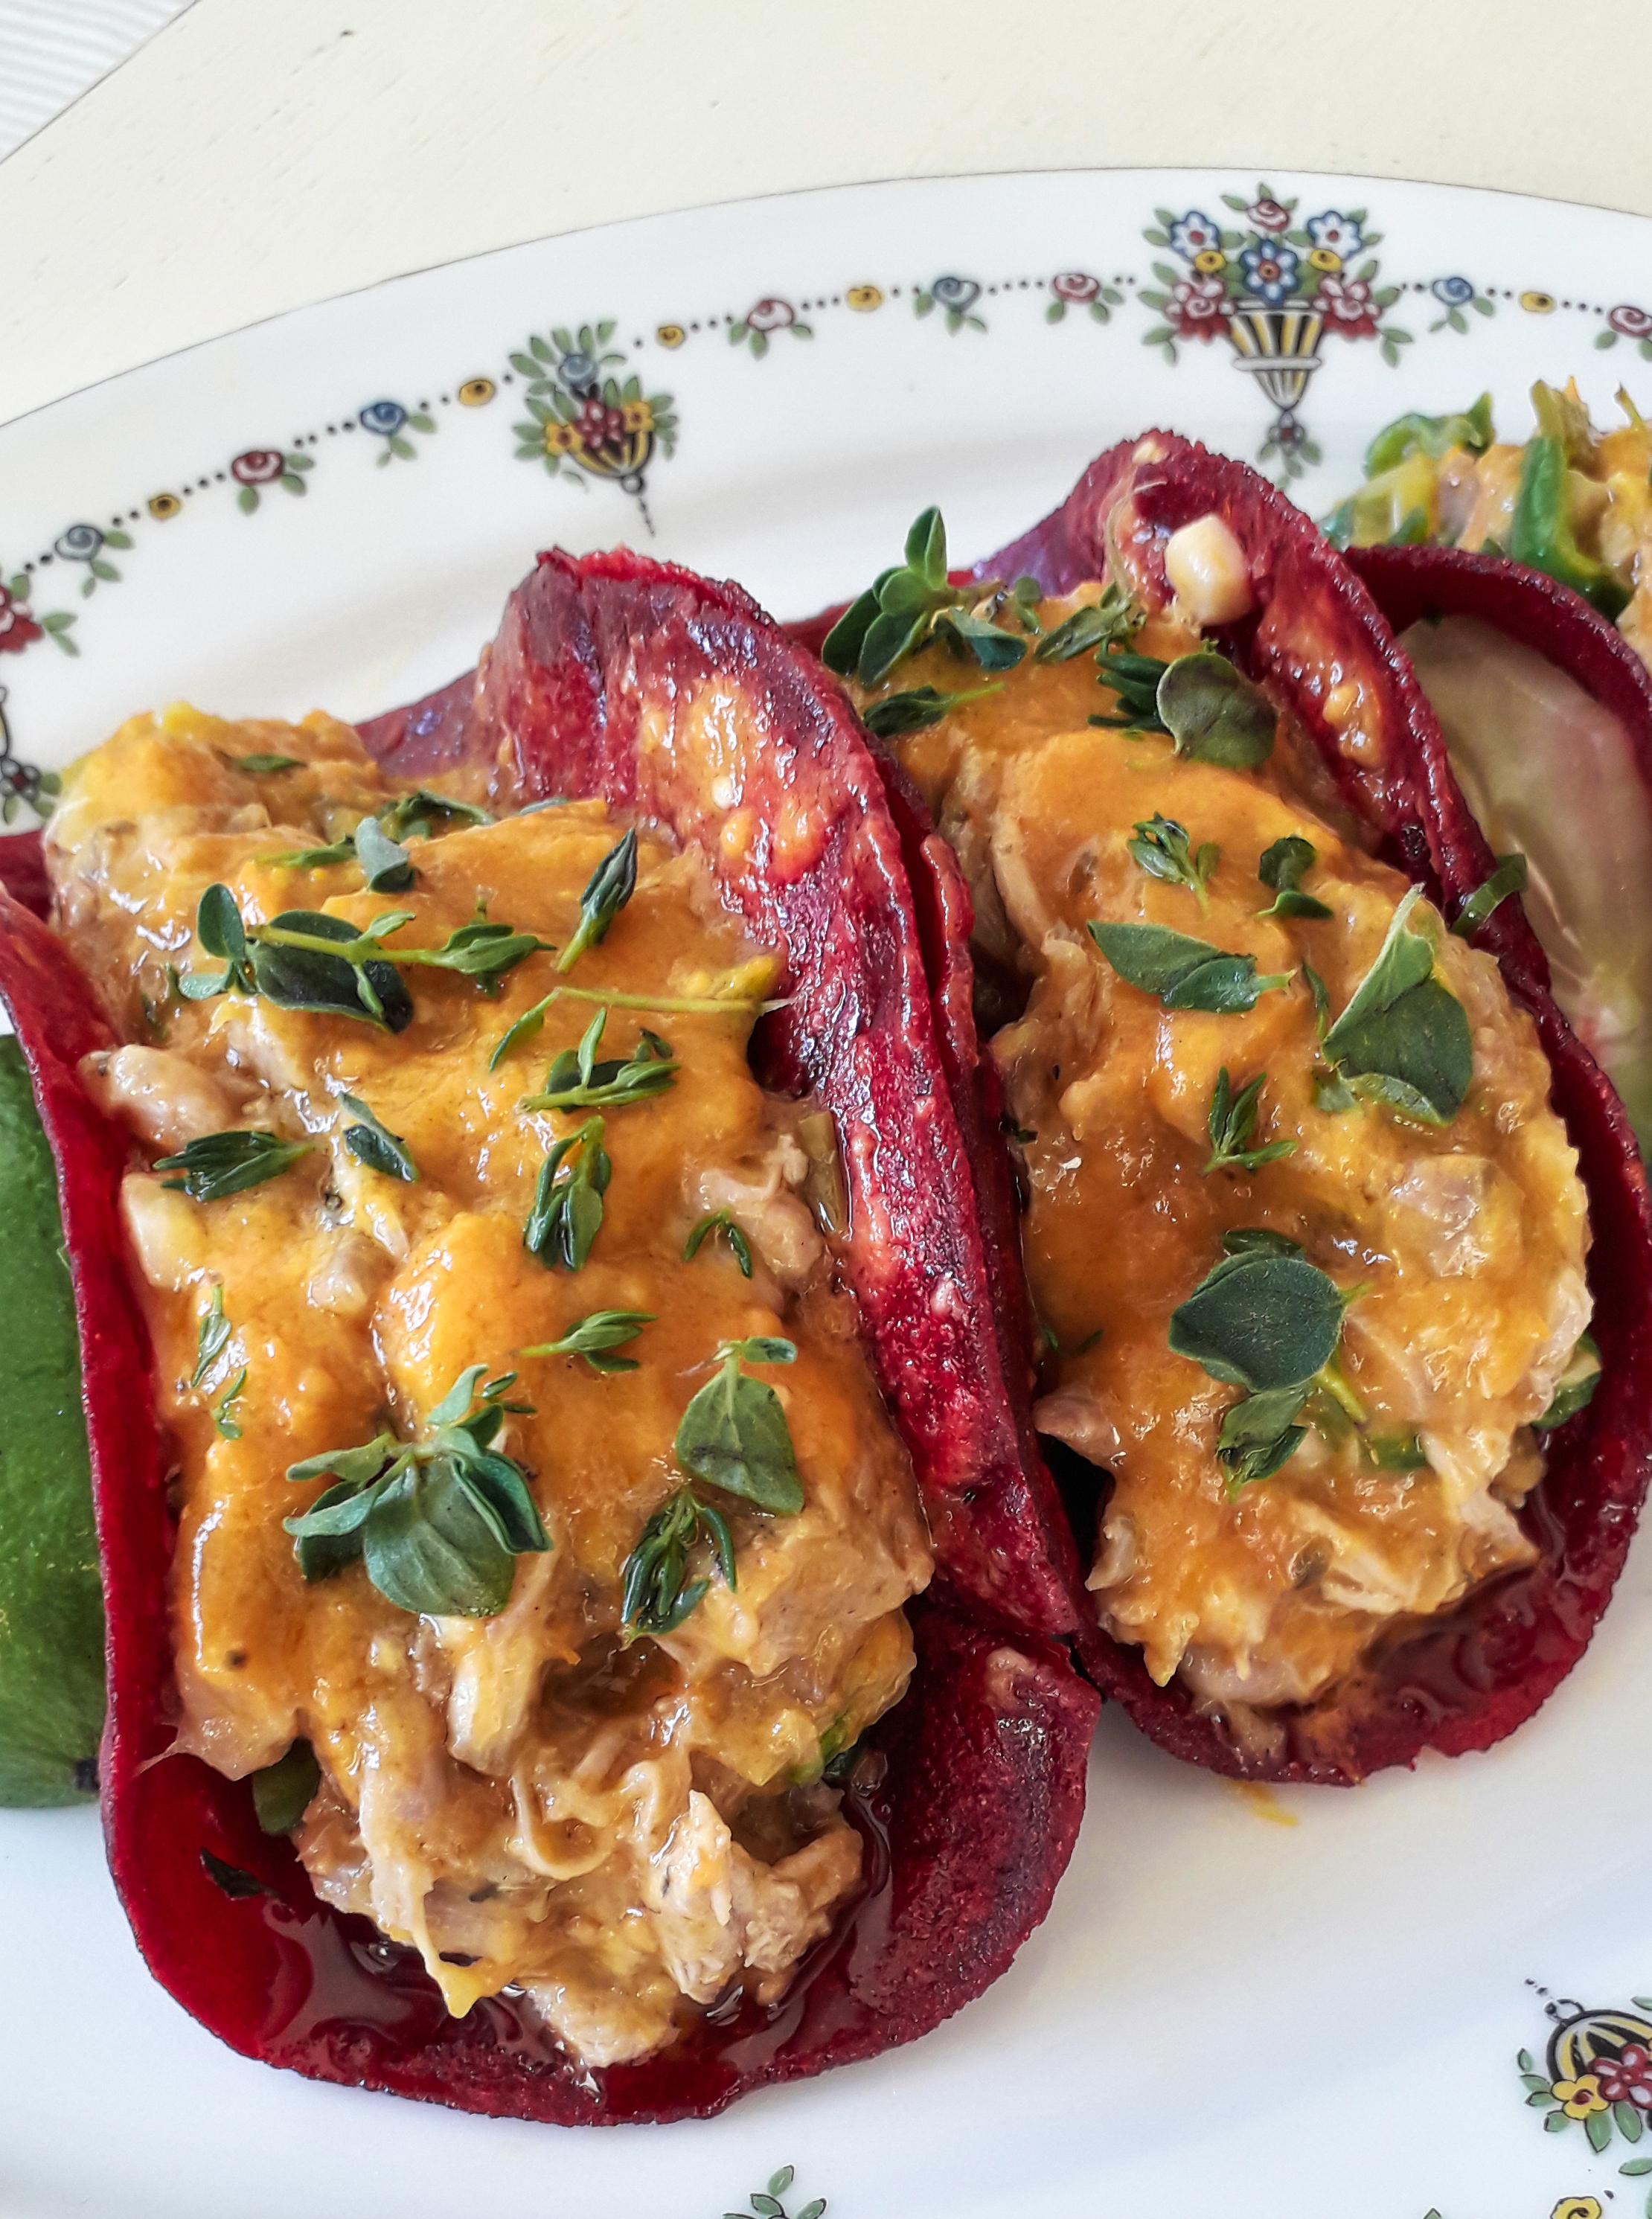 Receta Tacos Remolacha Sin Gluten Relenos Tinga Pollo Afuegolento 6